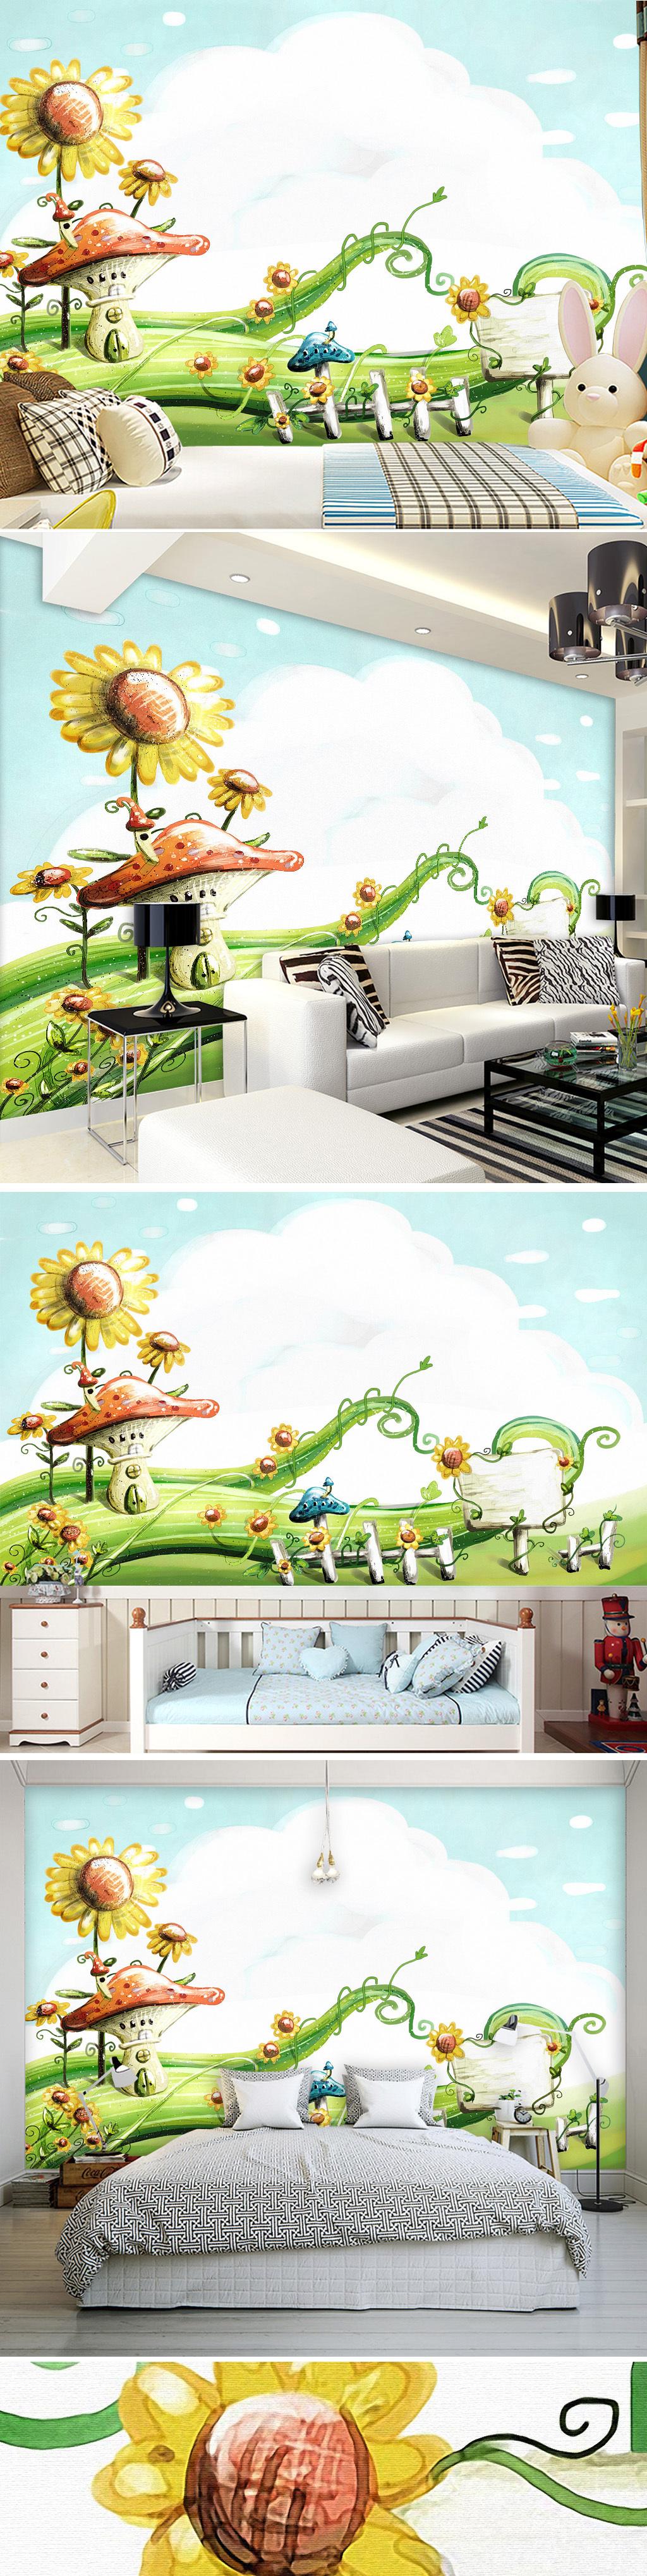 绿色小清新蘑菇花园韩版手绘客厅背景.